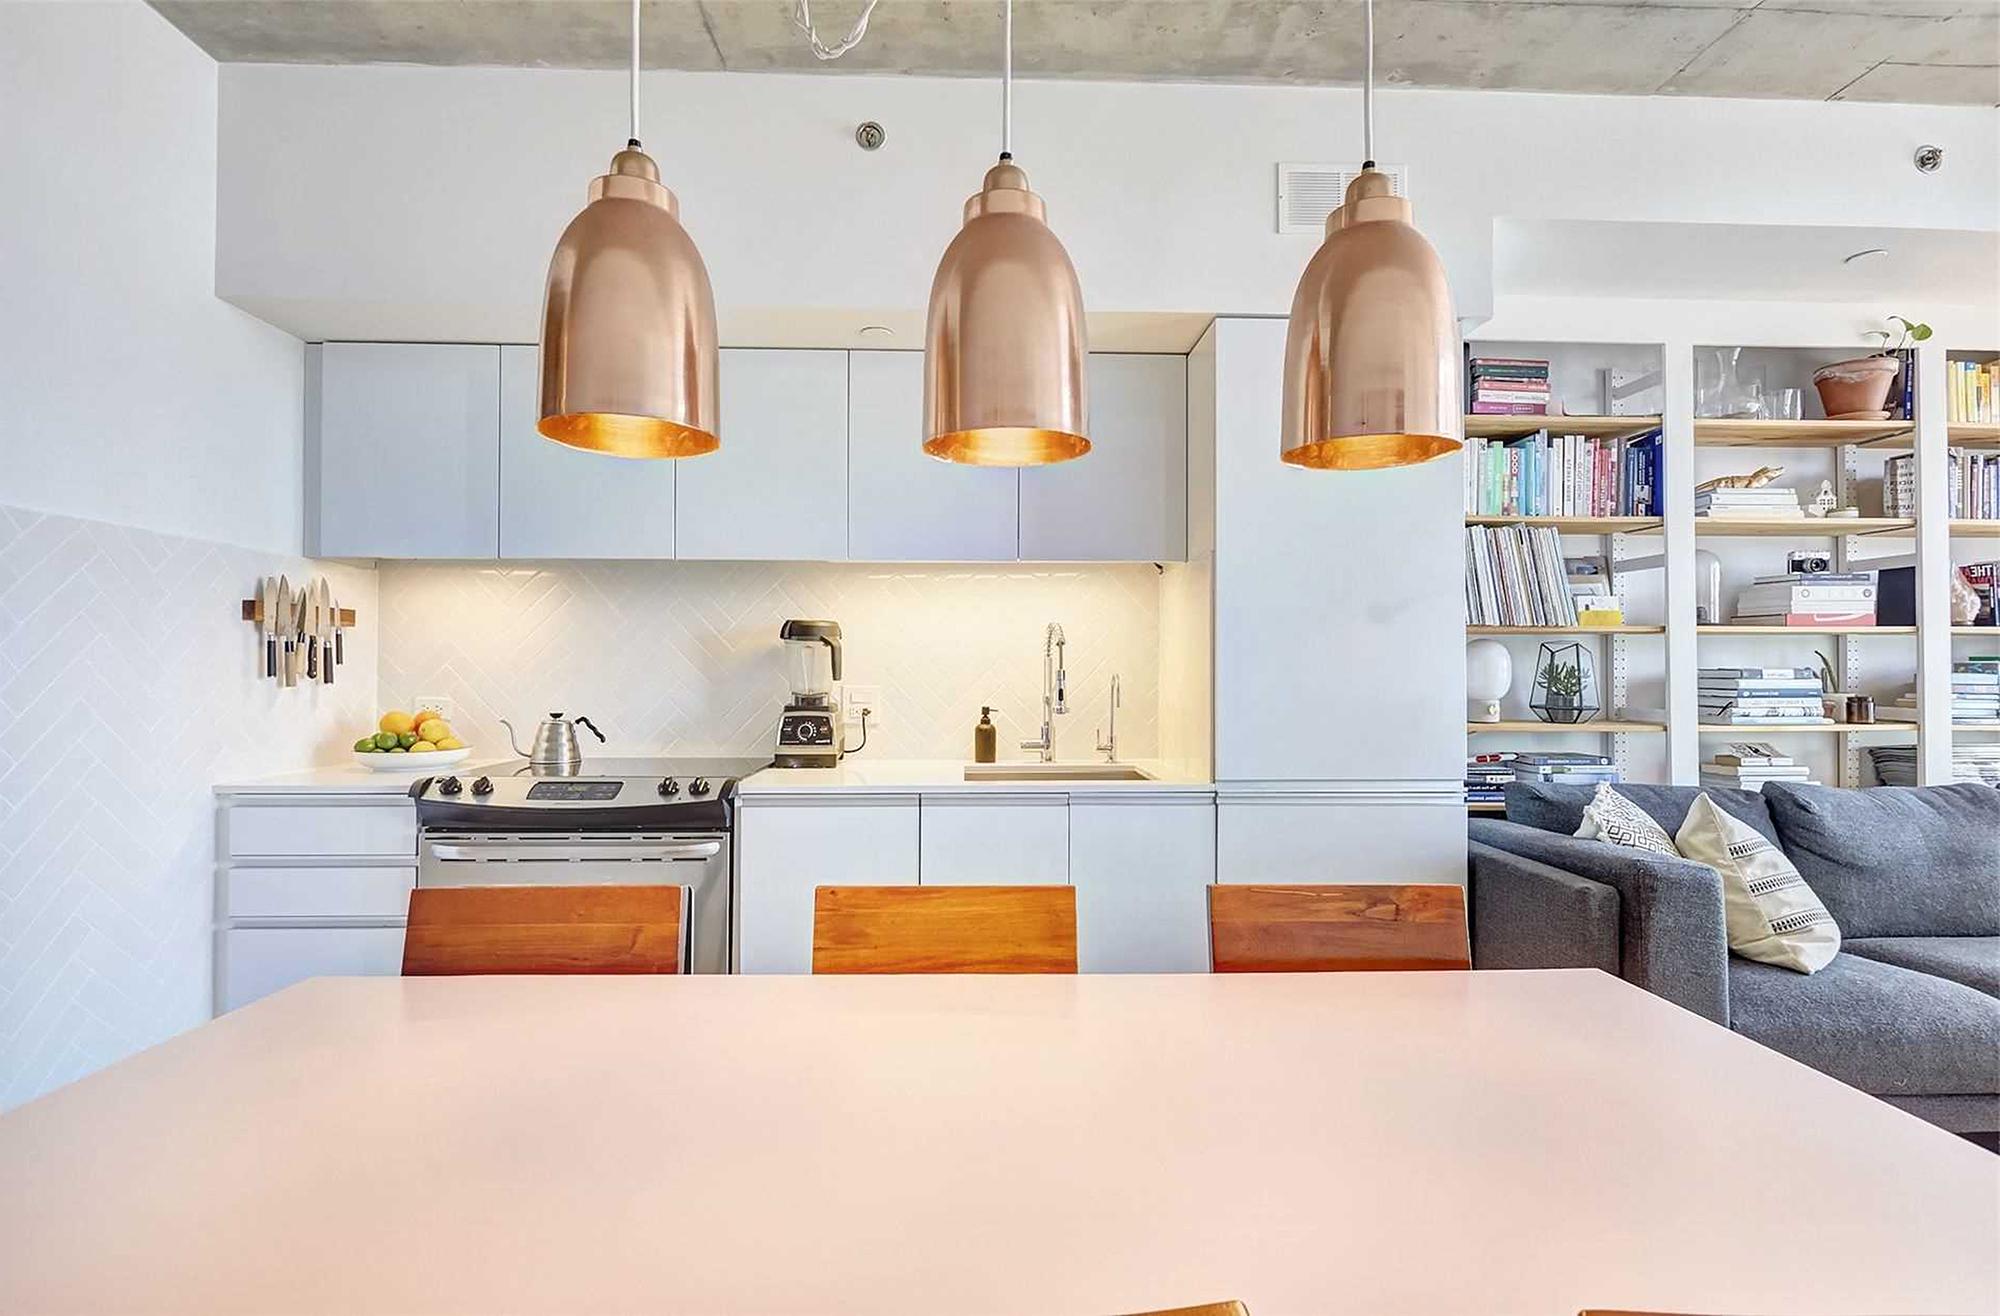 混搭风格一居室装修餐厅吊灯设计